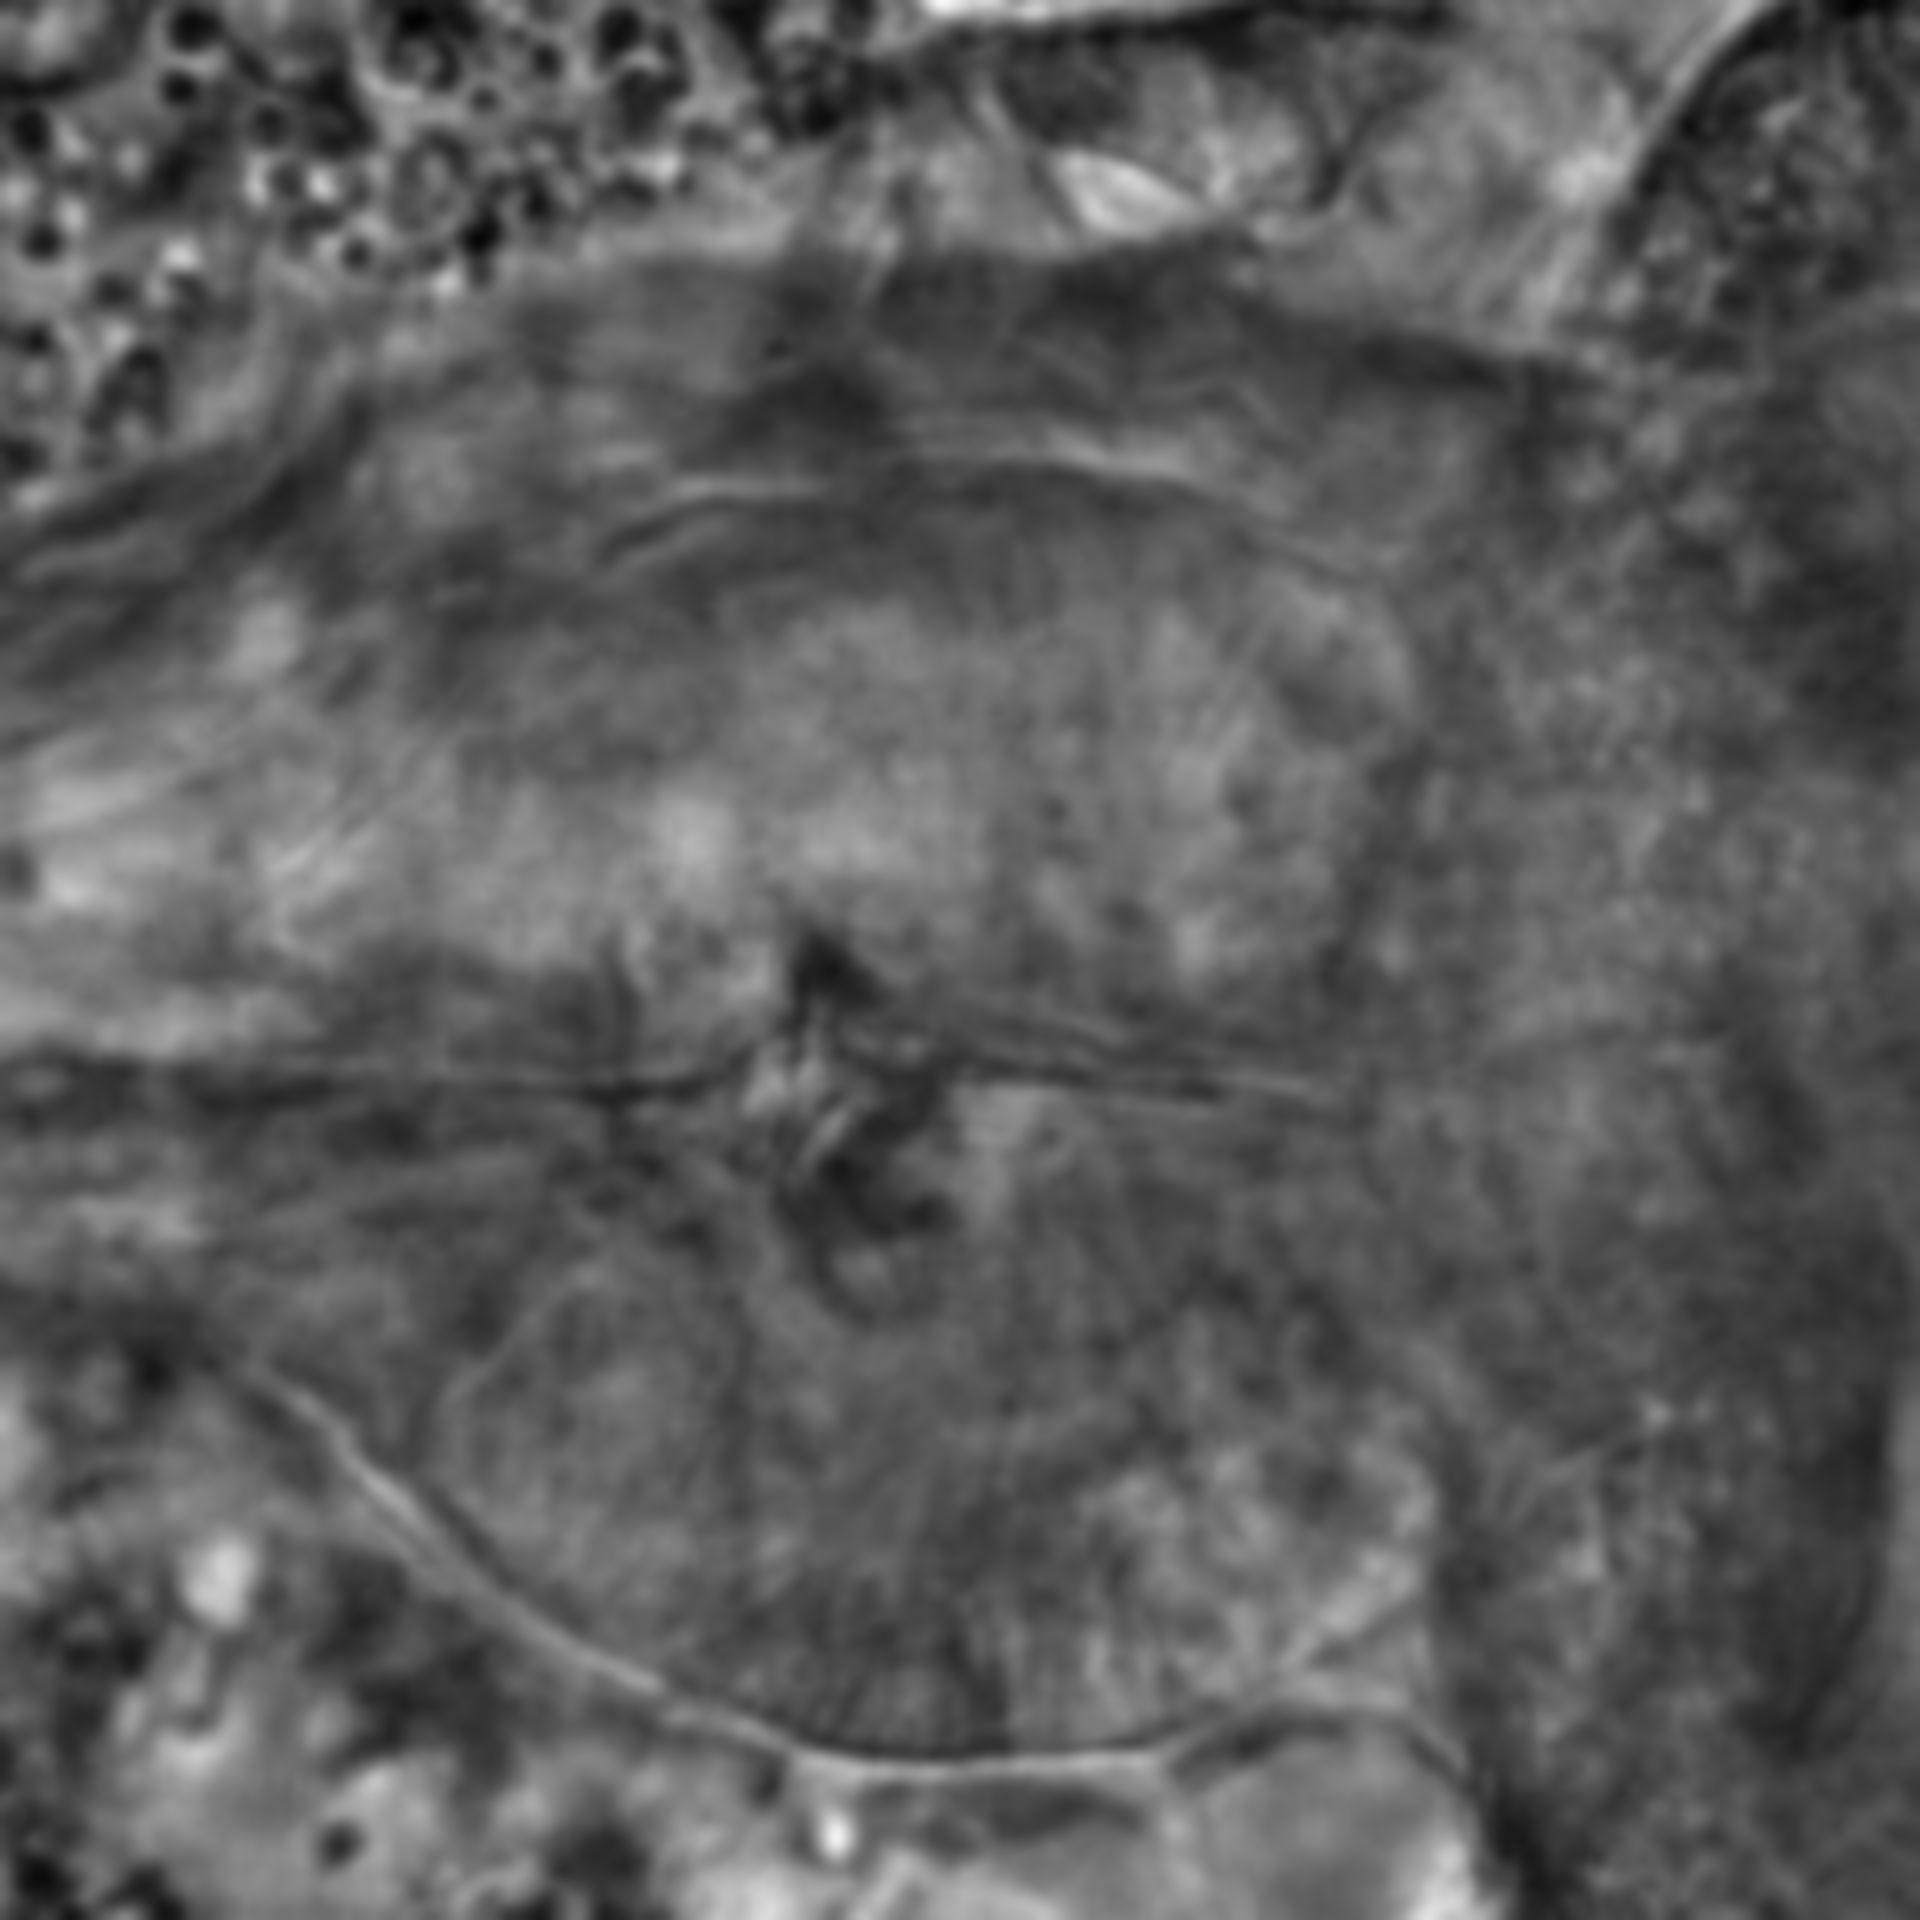 Caenorhabditis elegans - CIL:1761